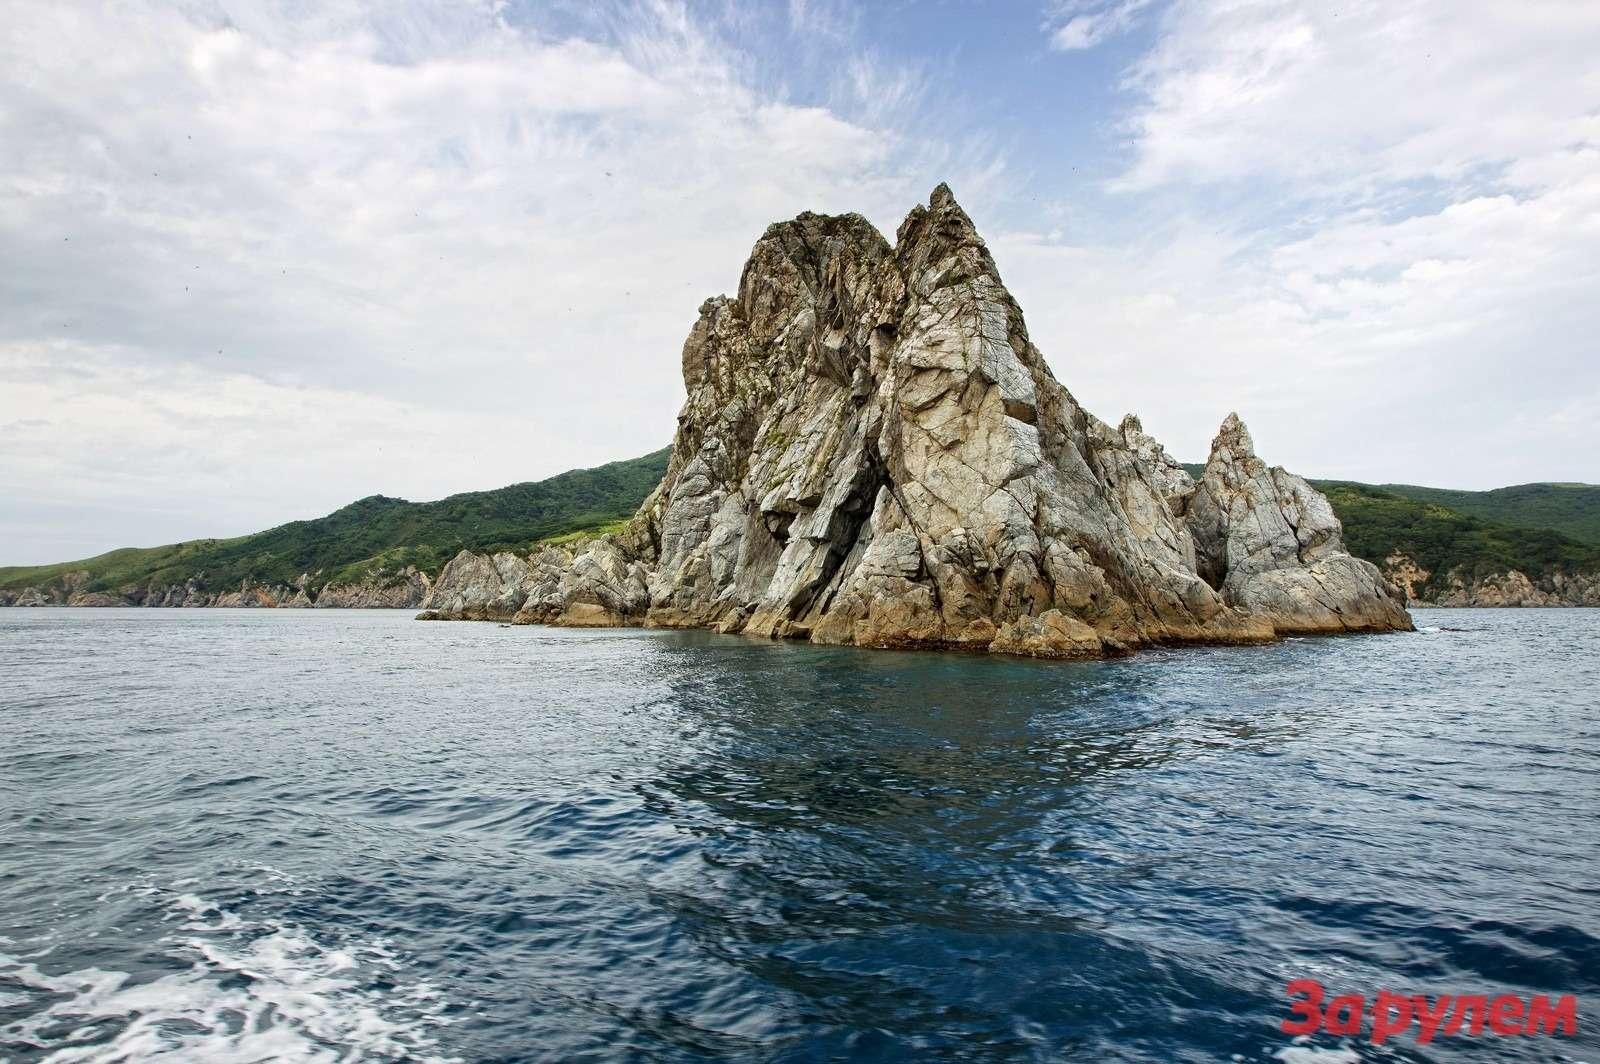 Прибрежная зона около мыса Гамова является заповедной. Для дайверов это излюбленное место дляпогружений, вхорошую погоду толща воды просматривается на20-30 метров